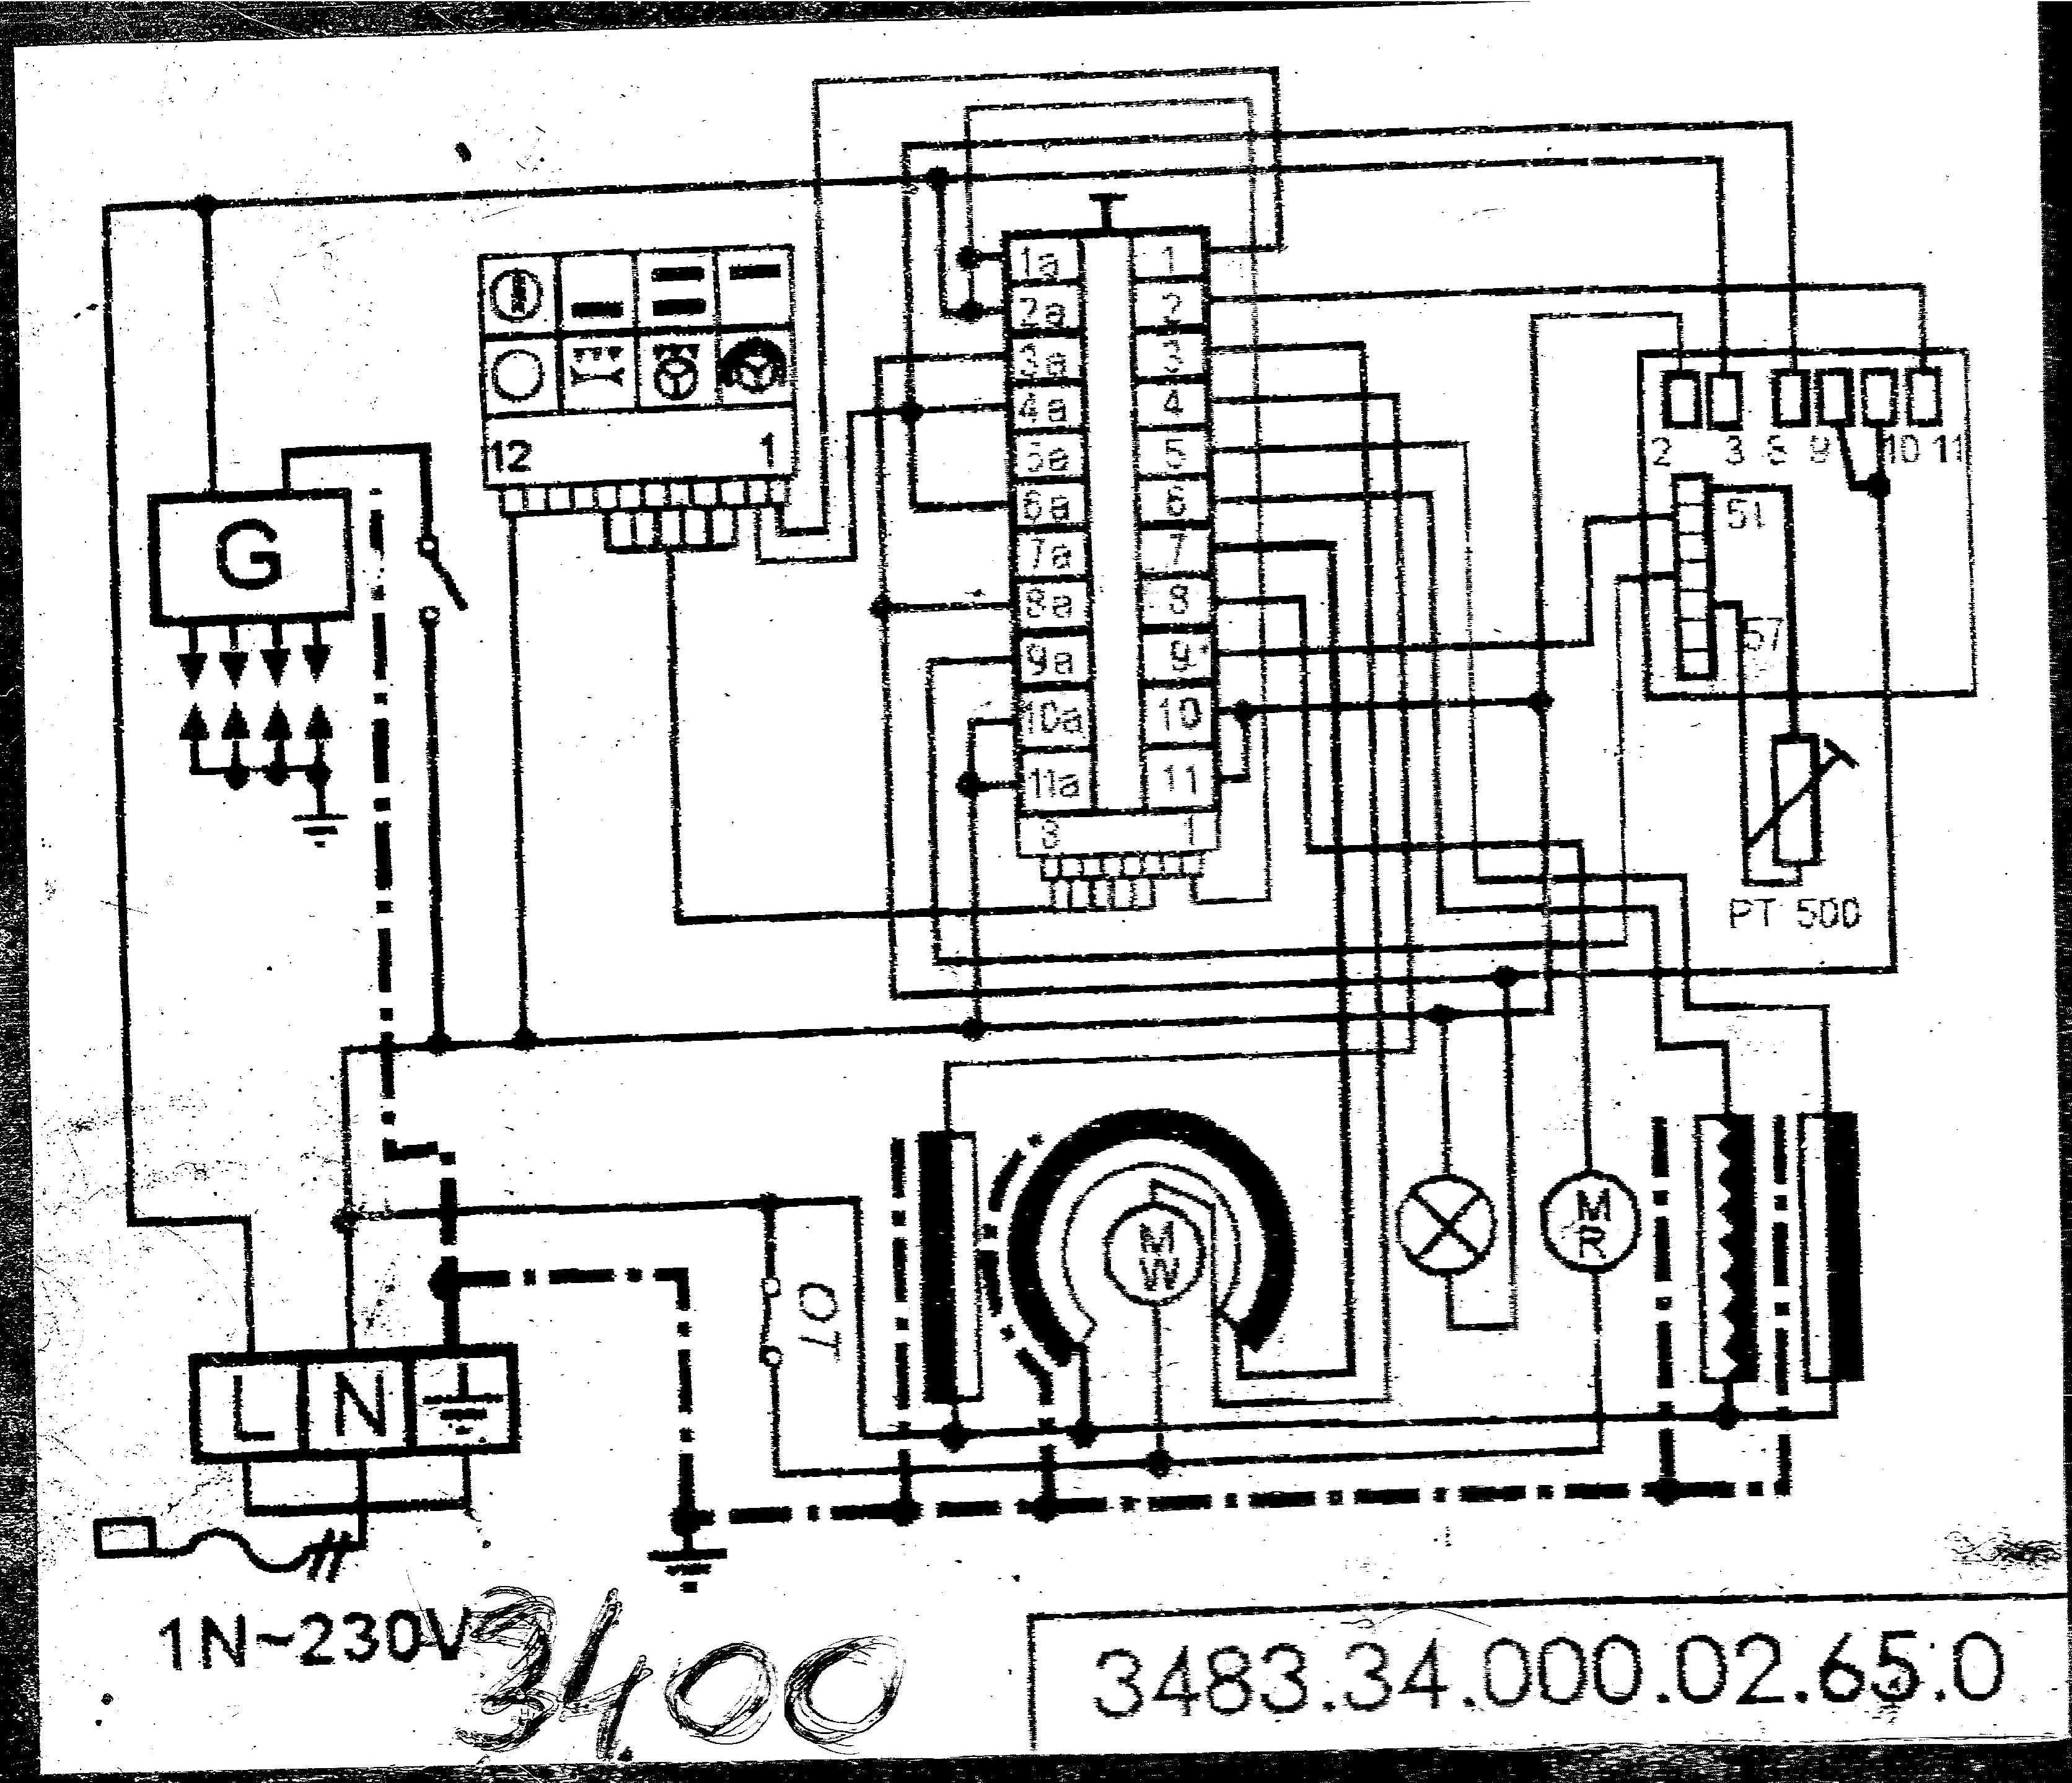 Schemat podłaczenia Łacznika krzywkowego mastercook 3400 -> Kuchenka Gazowa Mastercook Wrozamet Temperatura Piekarnika